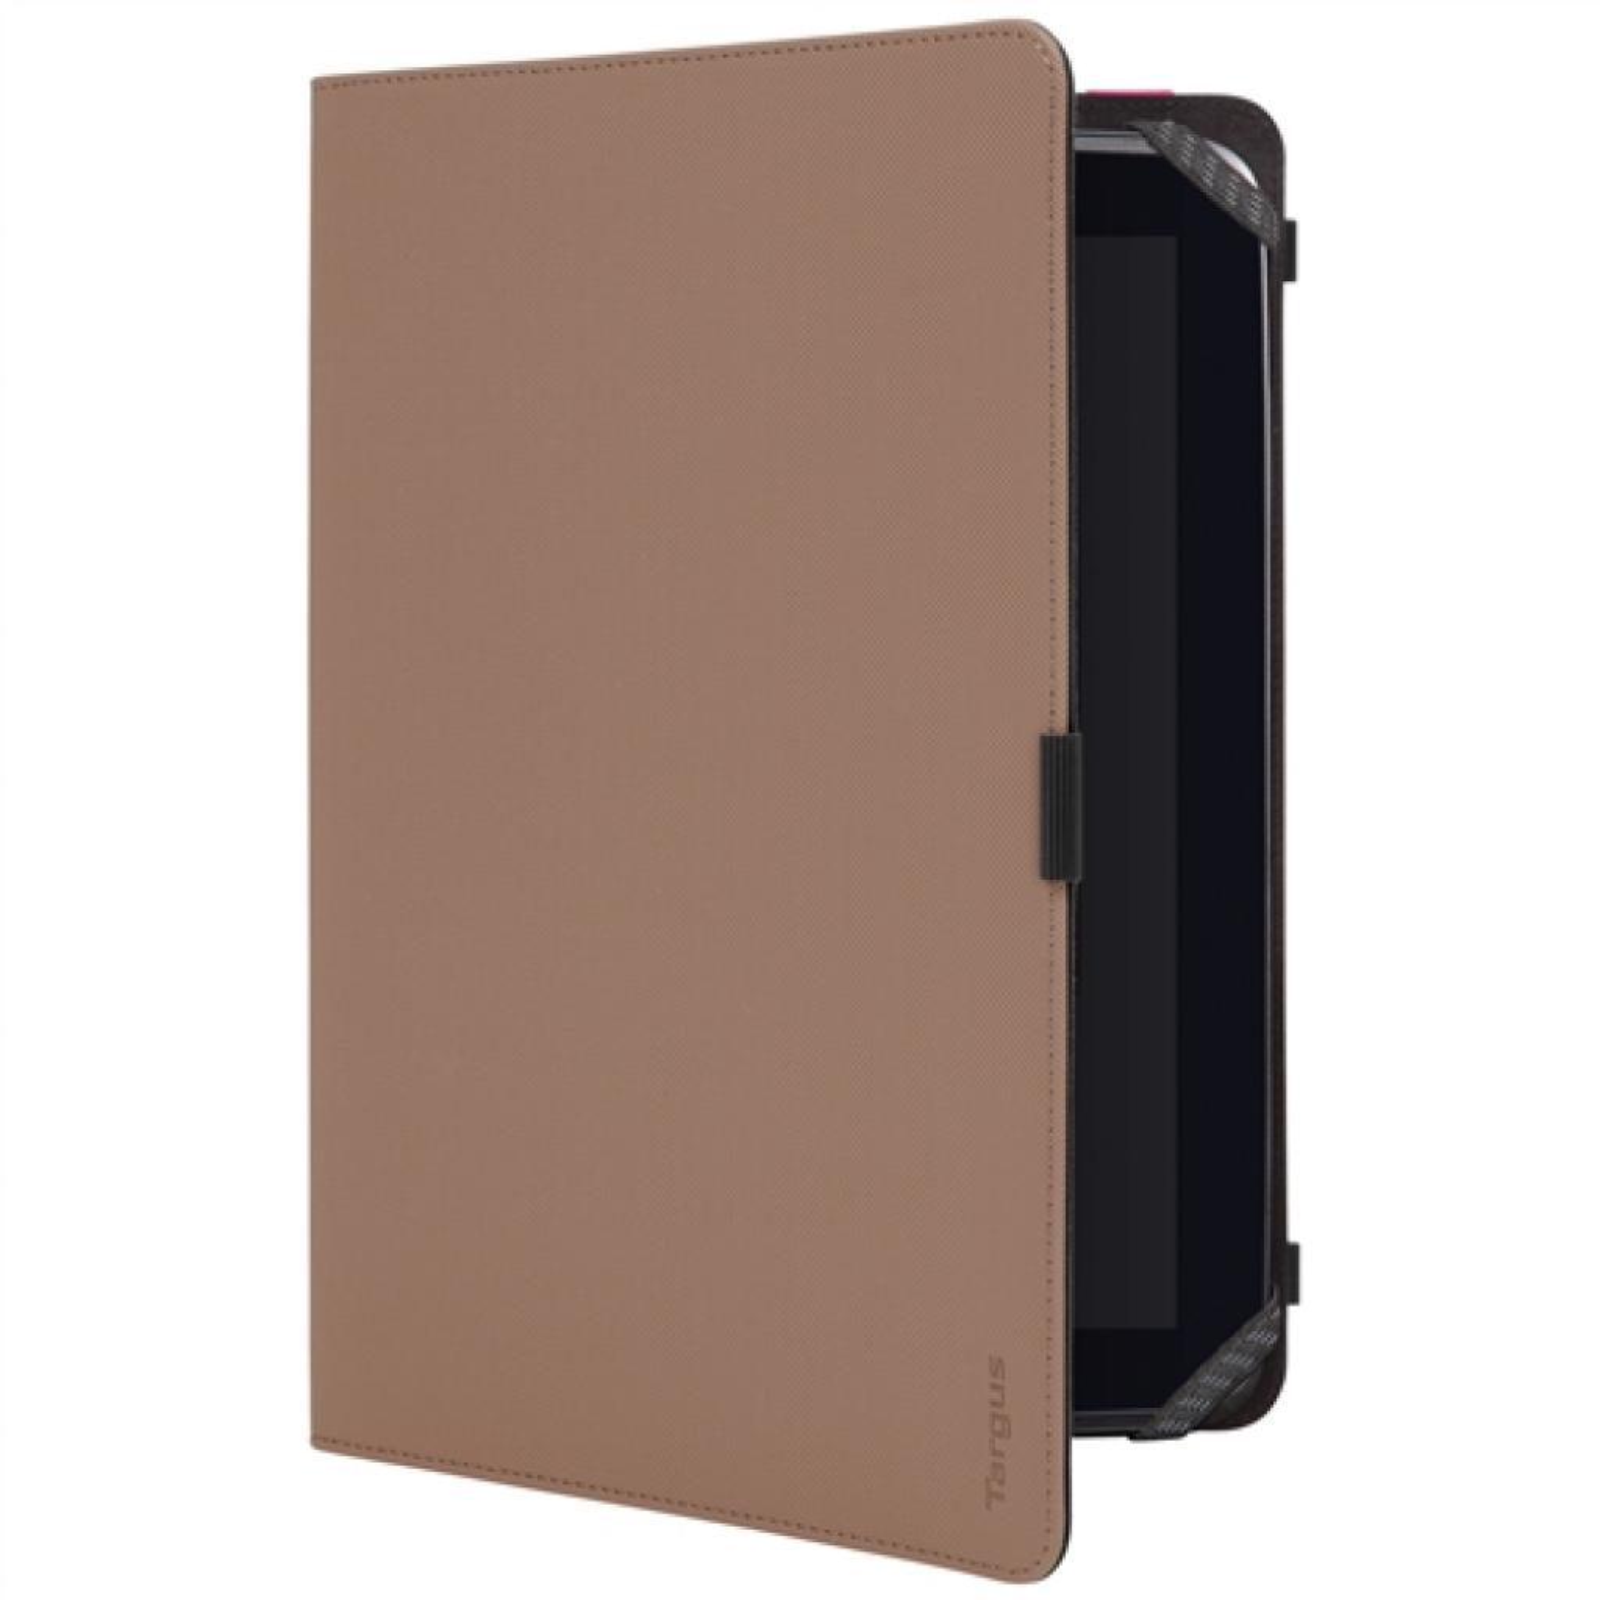 """Чехол для планшета Targus 7-8"""" Universal BEIGE book (THZ33803EU) изображение 2"""